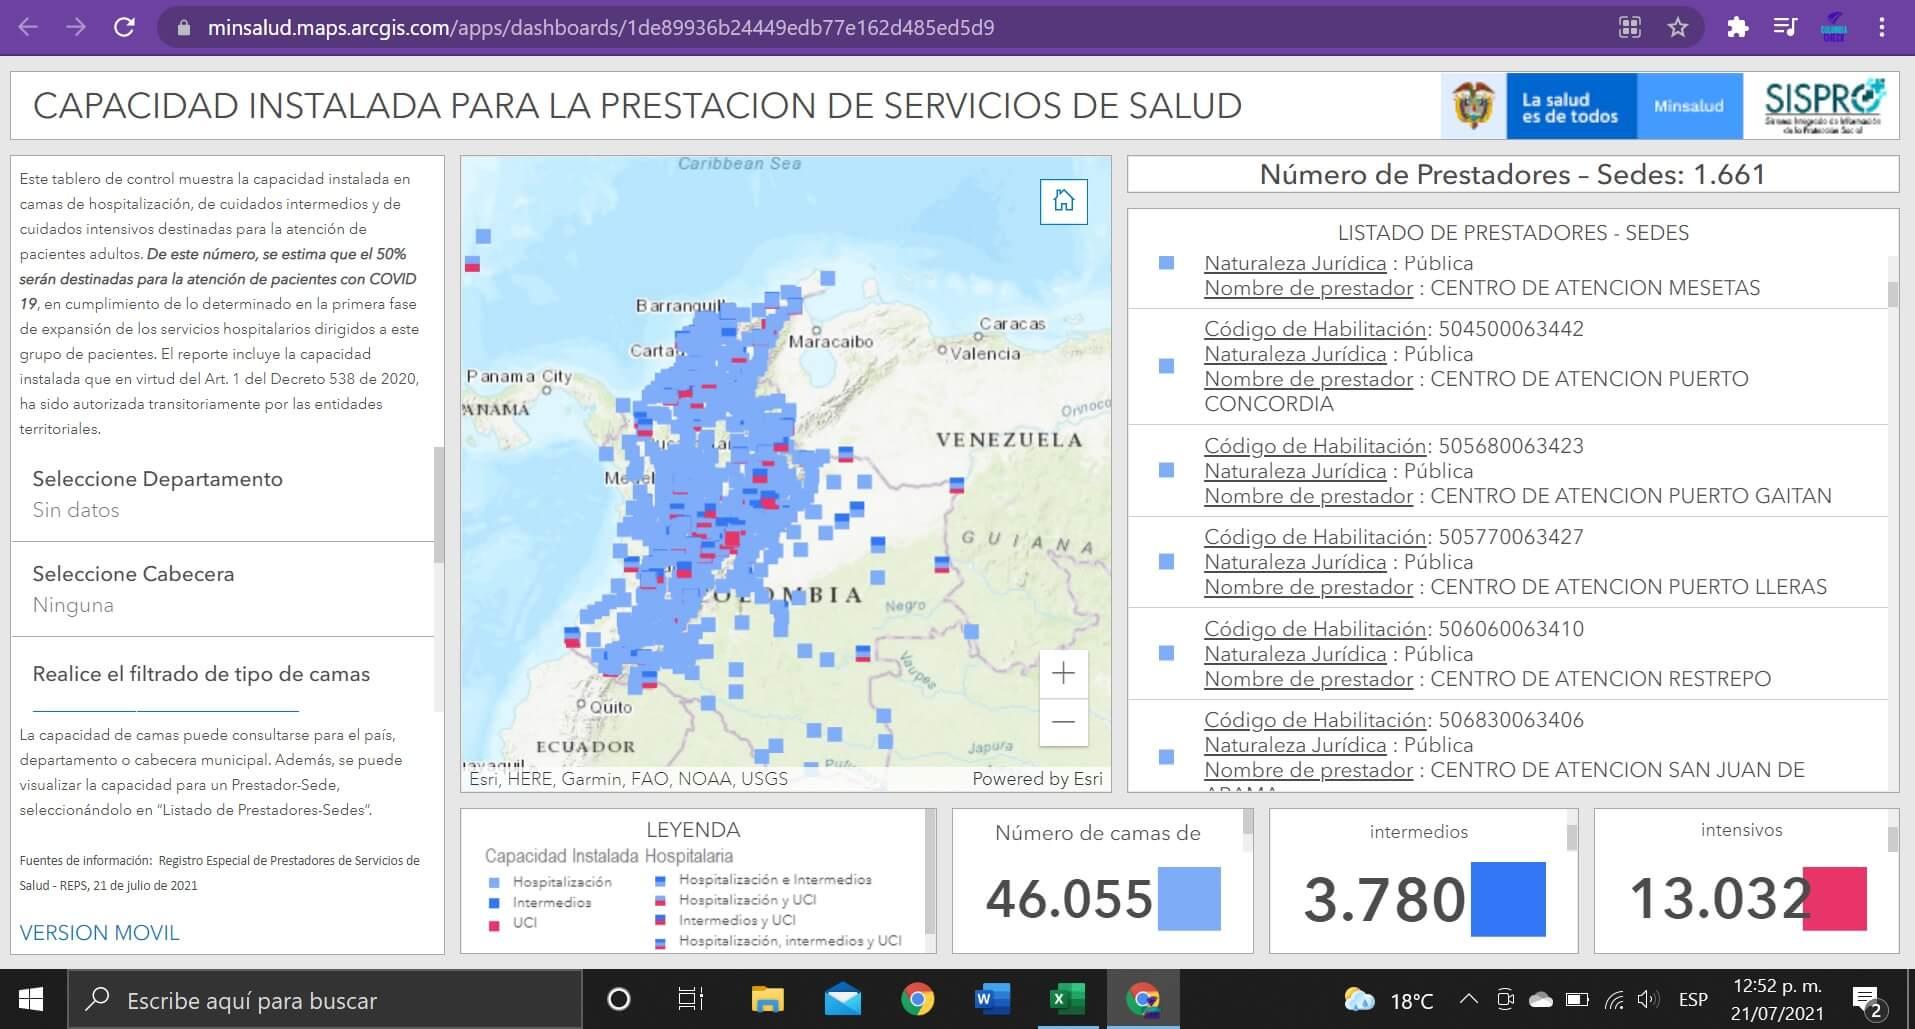 Pantallazo del mapa de Sispro con 13.000 UCI en Colombia al 21/07/2021